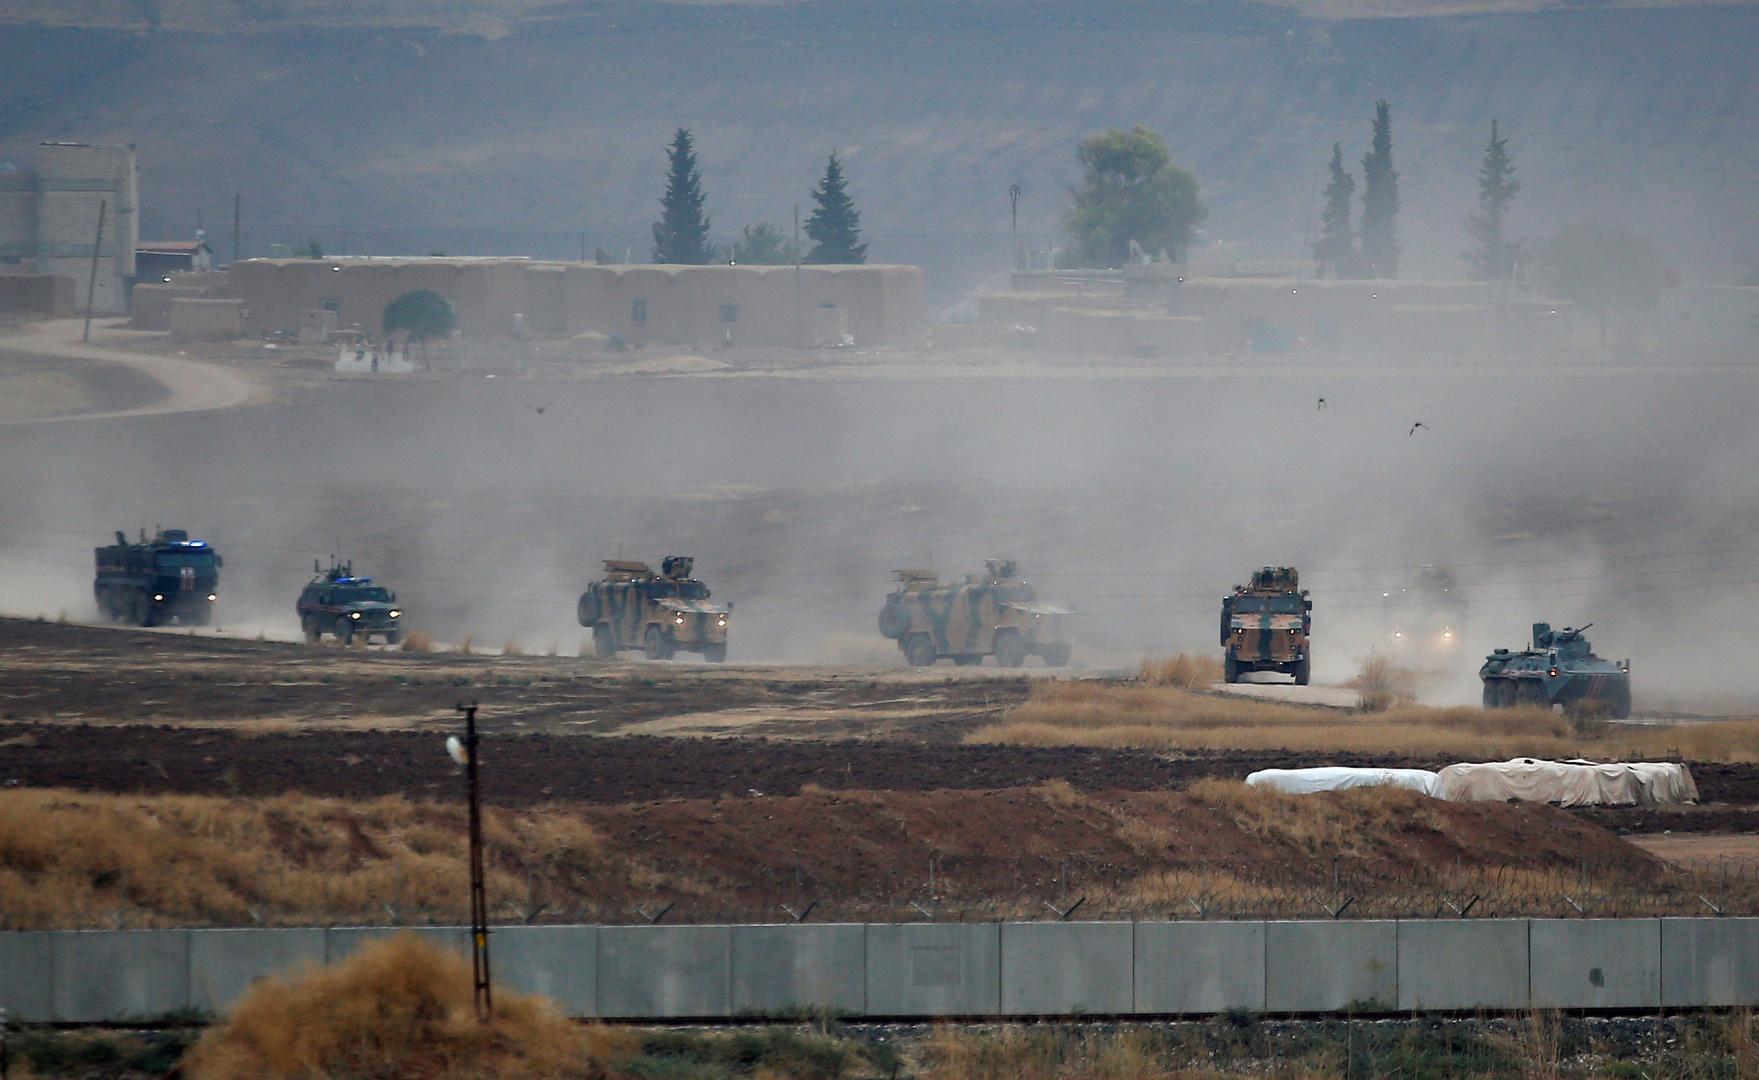 تسيير دورية روسية - تركية جديدة على الحدود السورية التركية